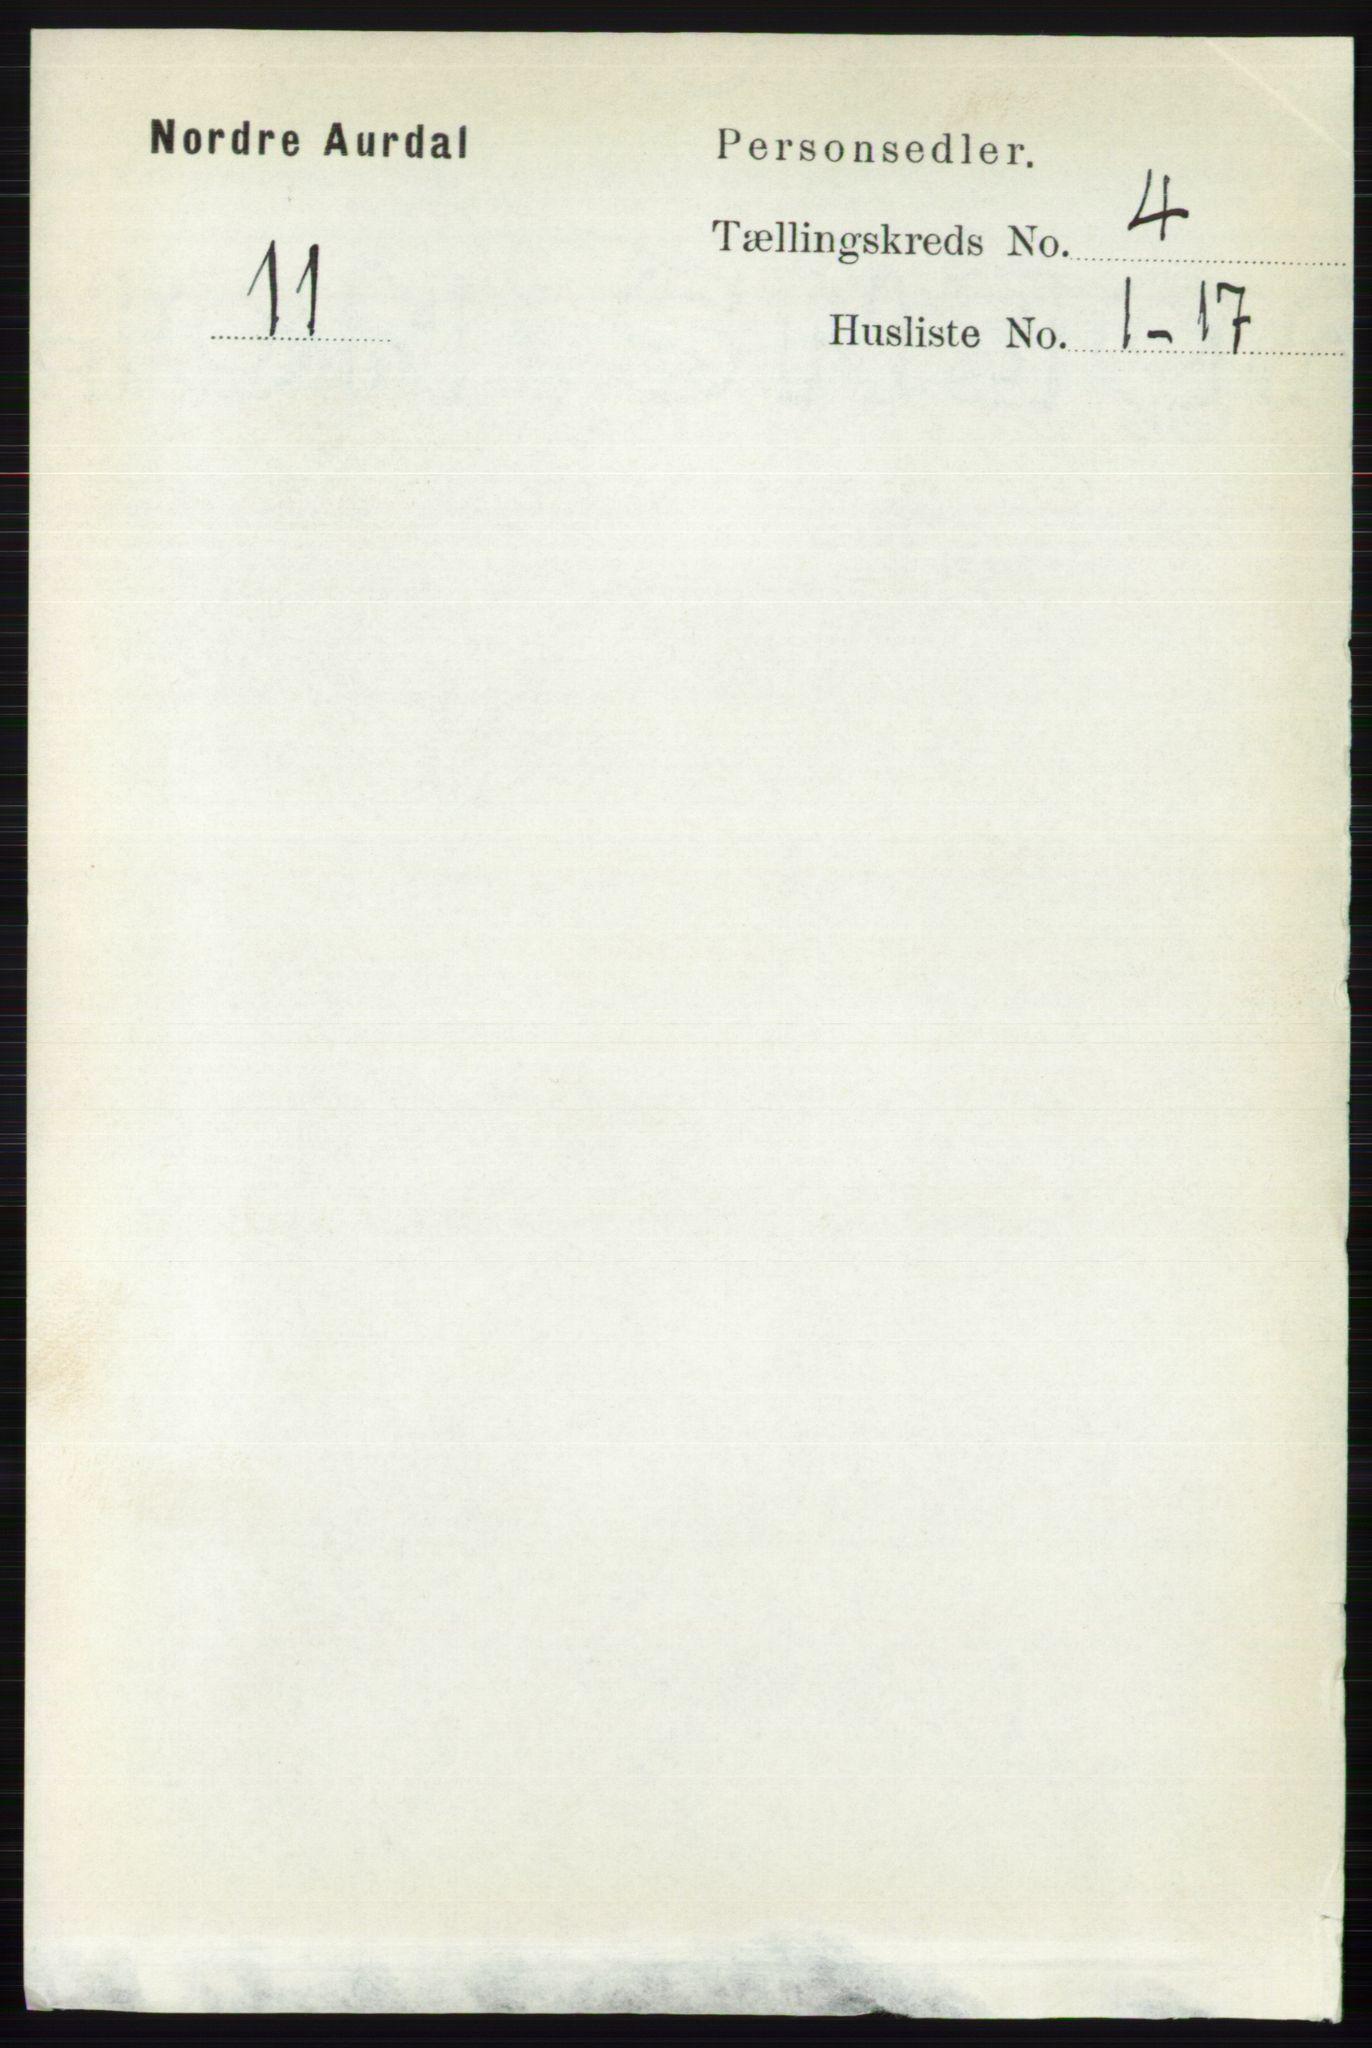 RA, Folketelling 1891 for 0542 Nord-Aurdal herred, 1891, s. 1167